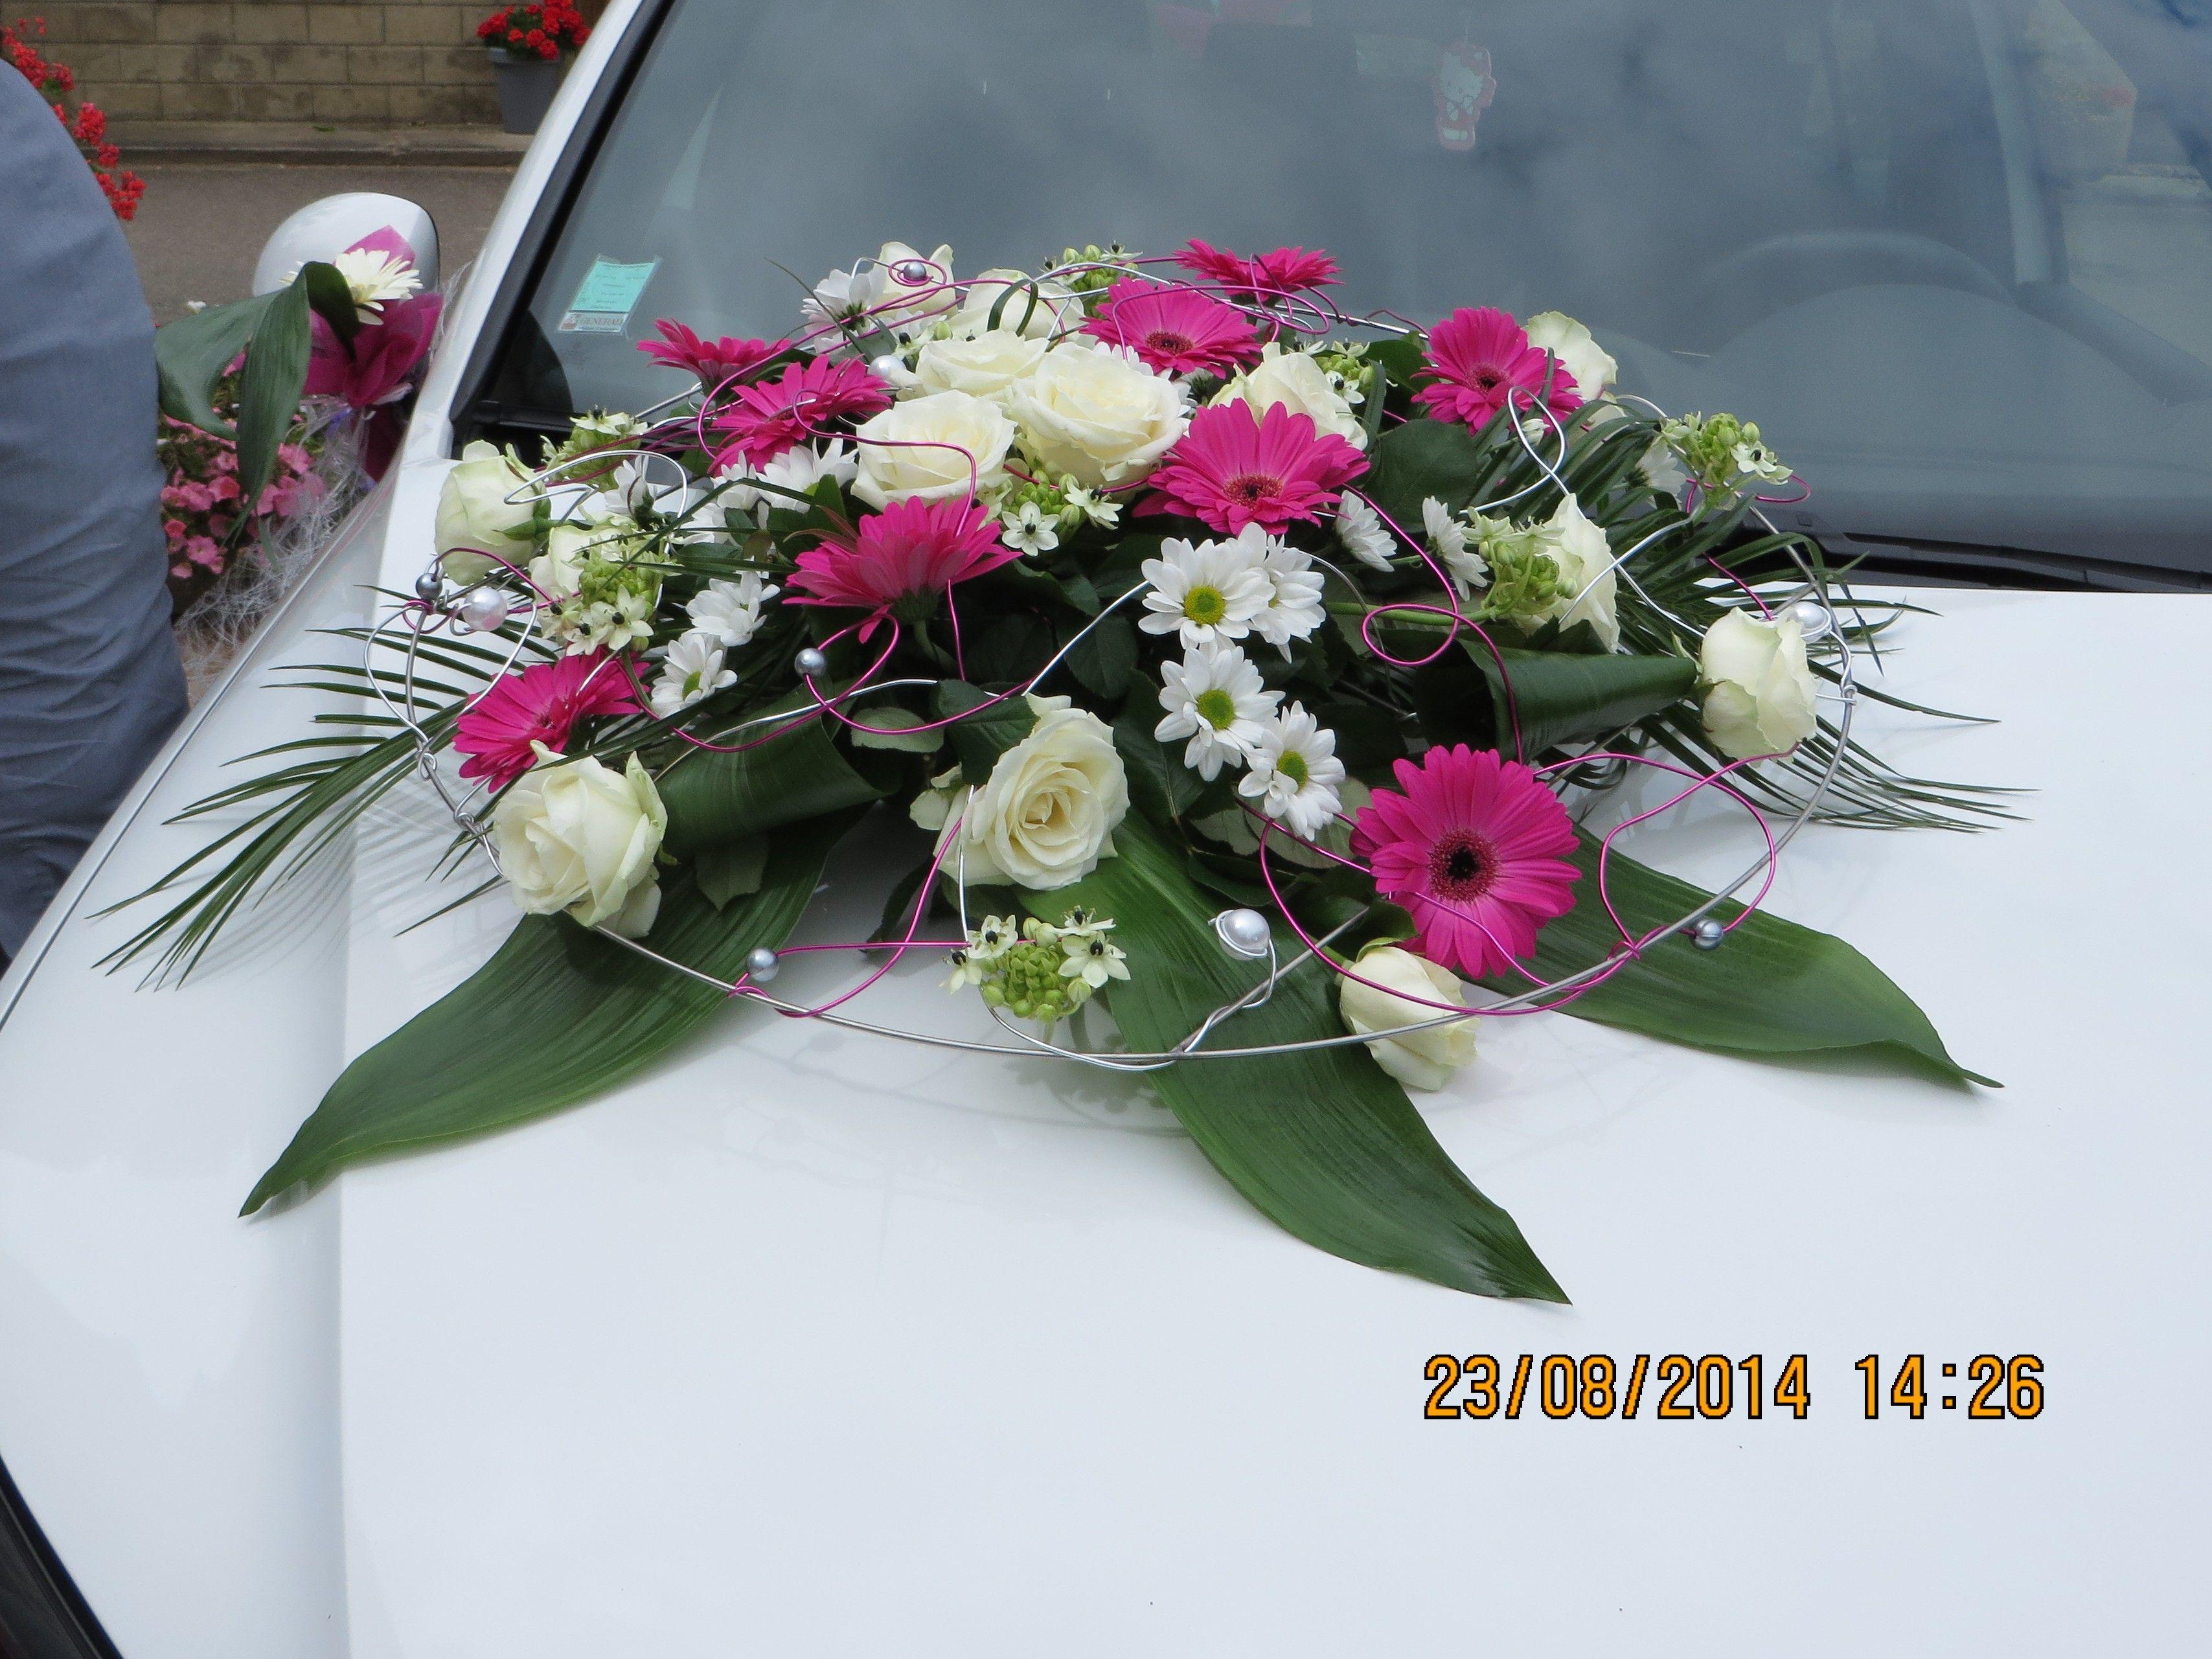 D coration fleur voiture mariage fushia gris pinterest Decoration voiture mariage romantique